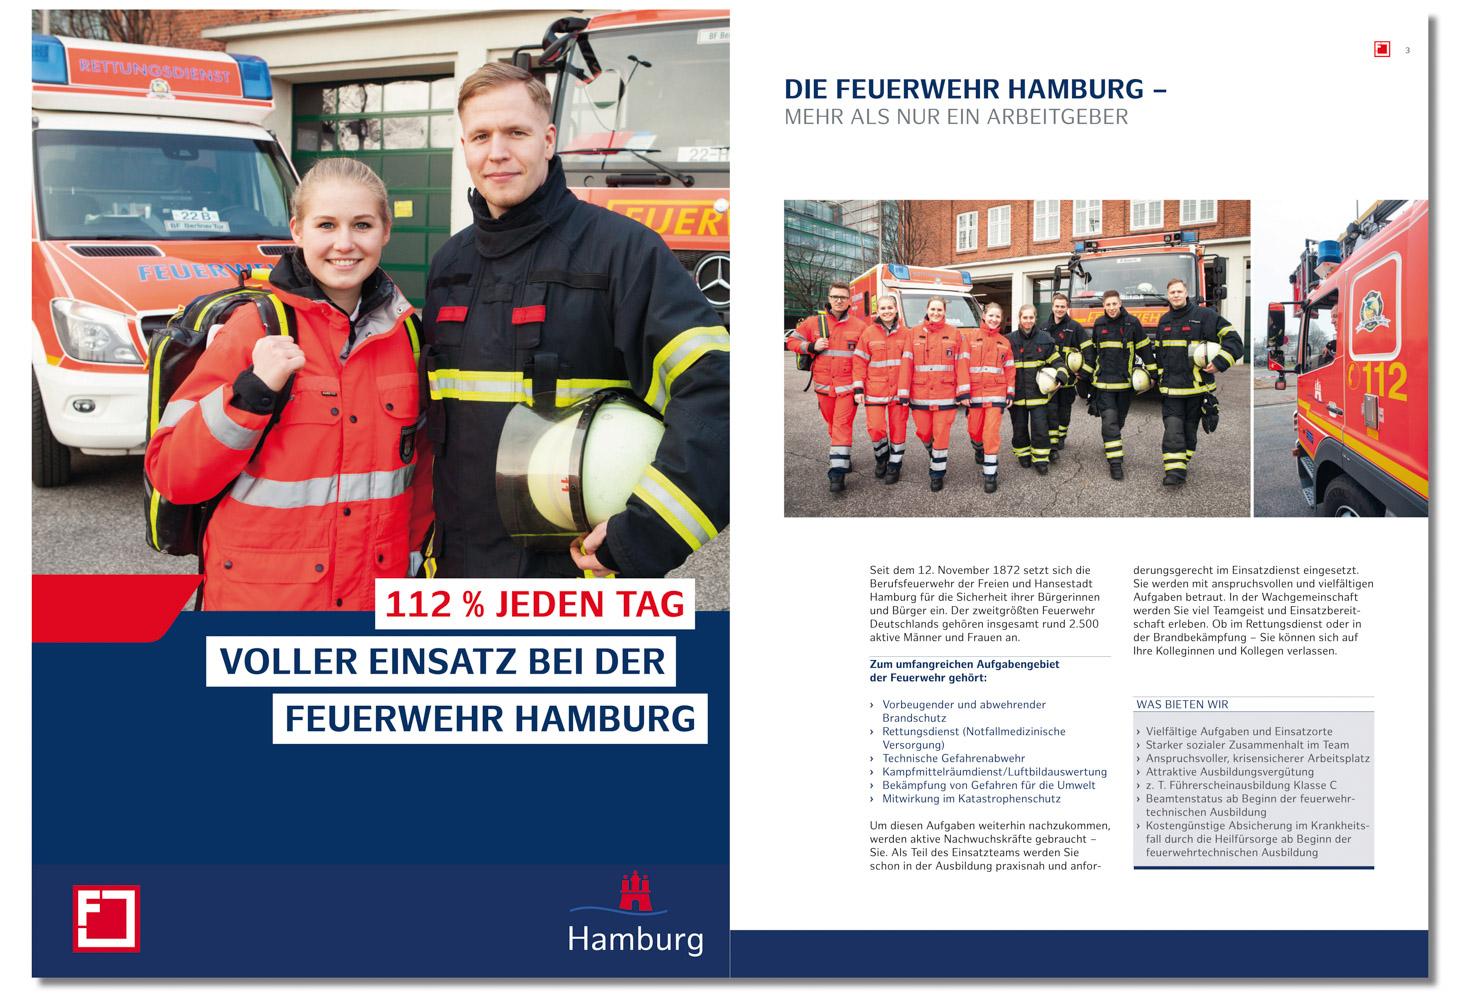 Feuerwehr Hamburg, Broschüre für Auszubildene